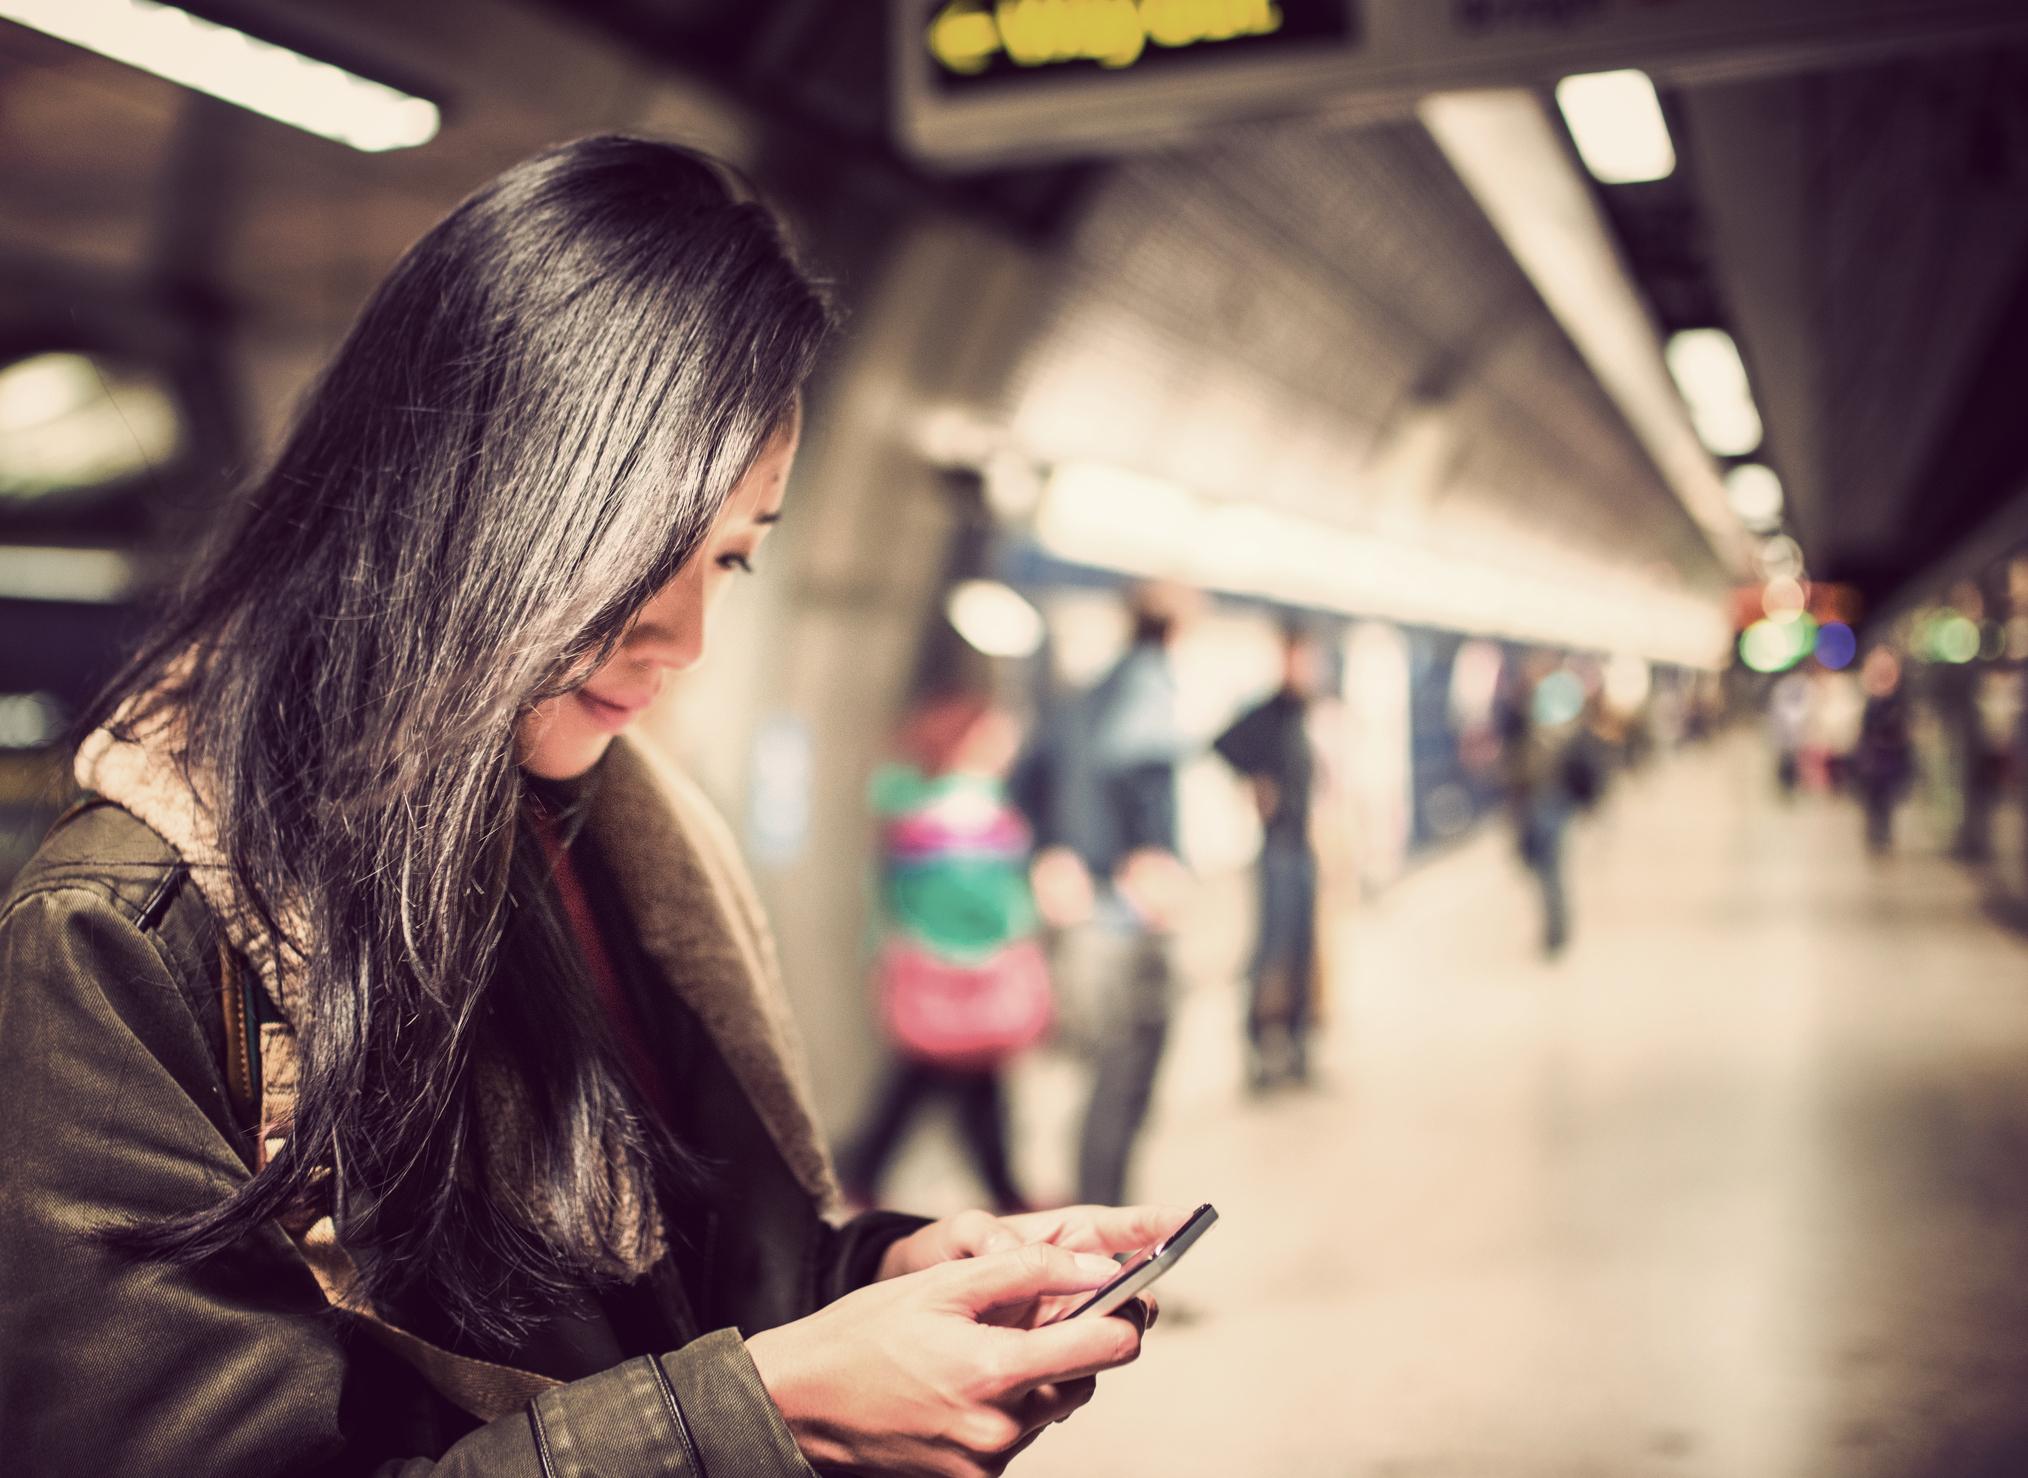 Kvinna som väntar på tunnelbana och läser på sin telefon